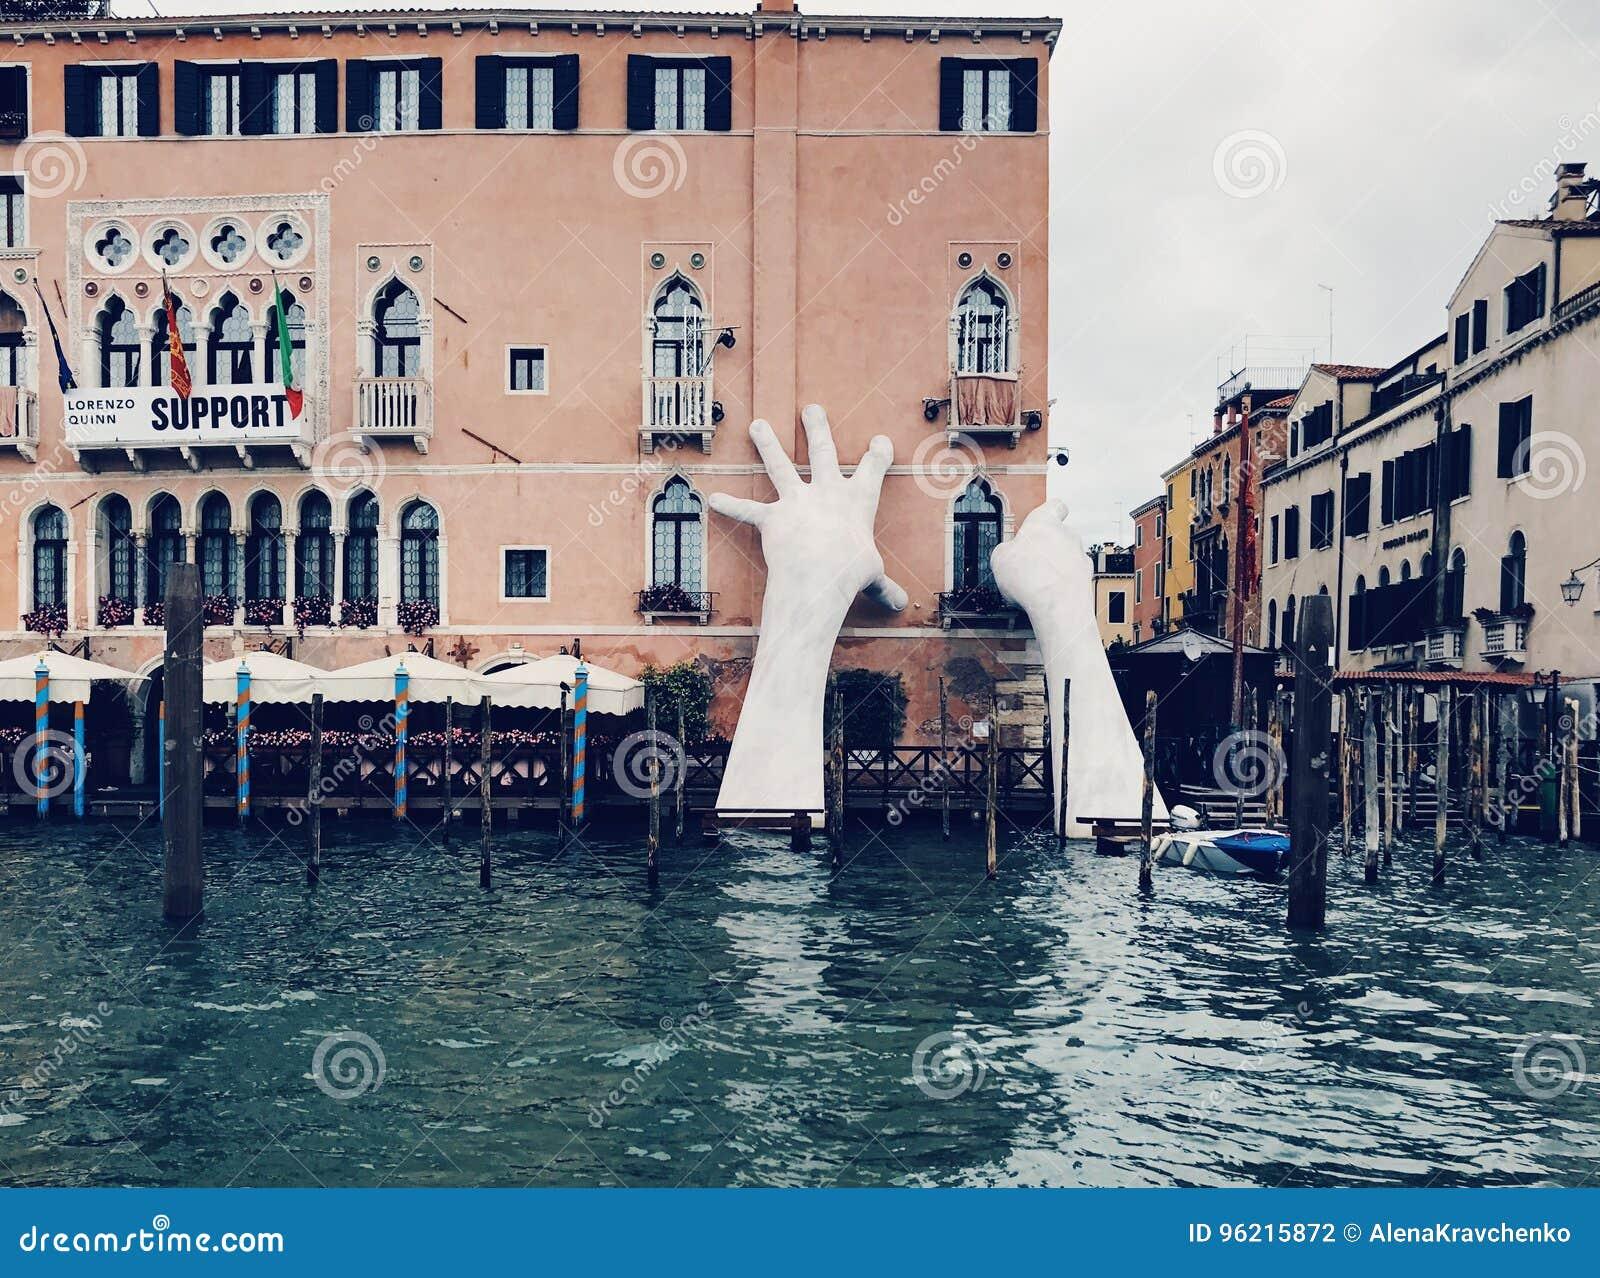 Manos gigantescas que suben del agua para apoyar el hotel de Ca' Sagredo, Venecia